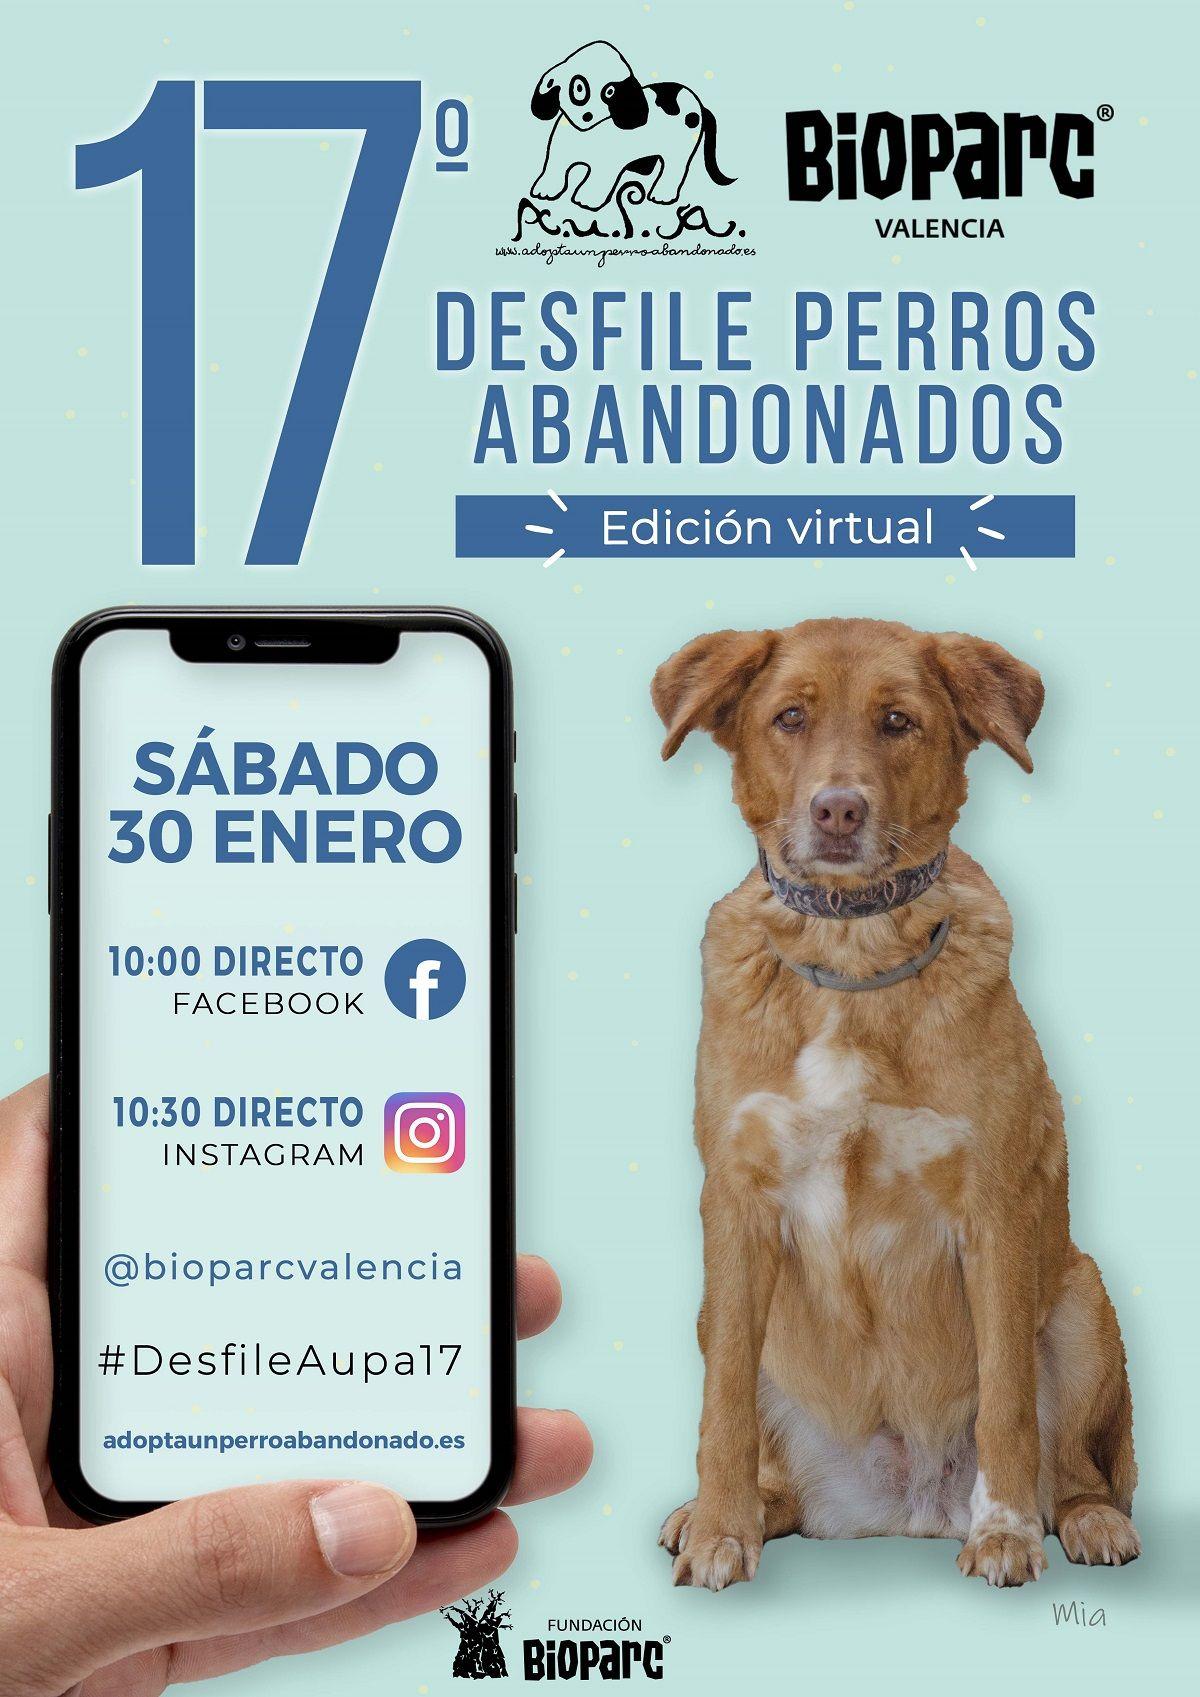 """A.U.P.A y BIOPARC Valencia organizan un desfile """"virtual"""" de perros abandonados valencia"""